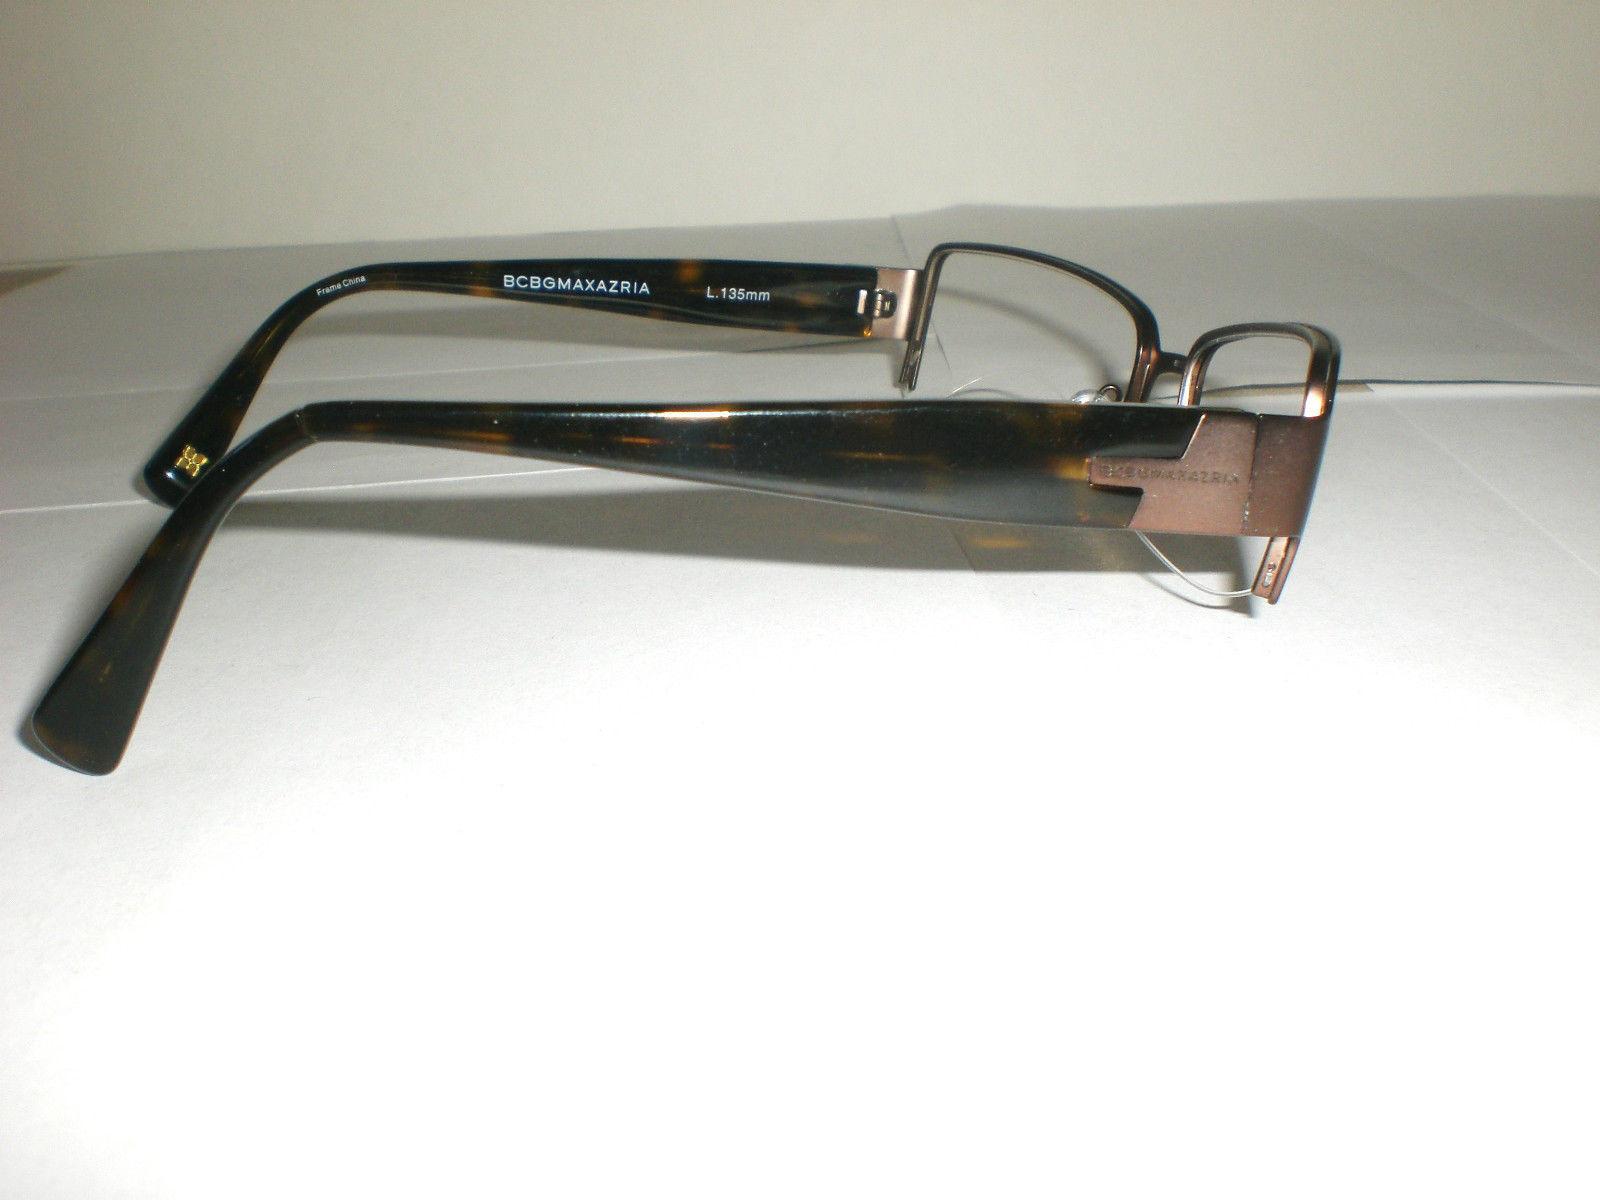 Designer BCBG MAXAZRIA Eyeglass Frames Ego and 50 similar items